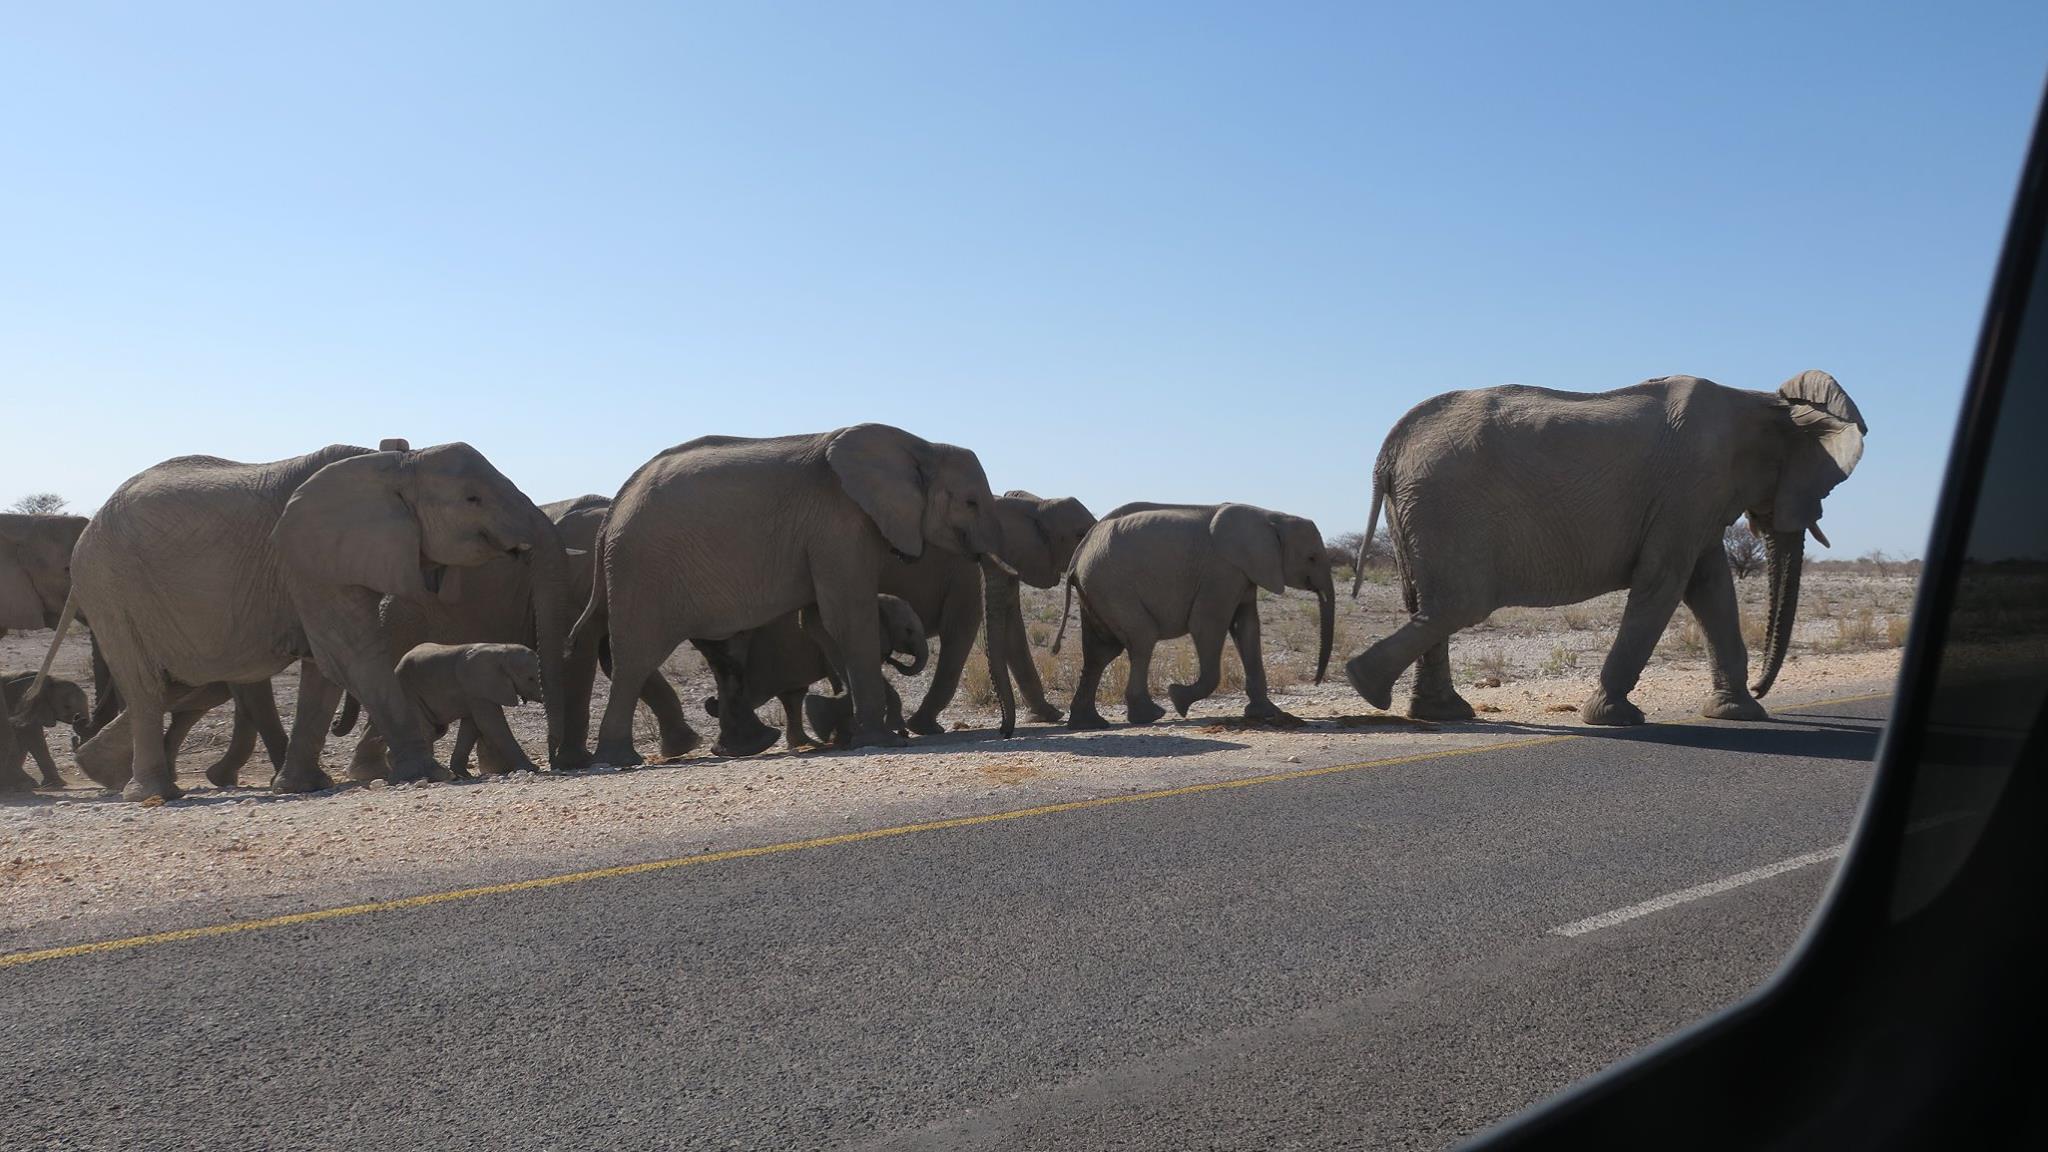 目の前を20~30頭の象が通り過ぎていく姿は鳥肌物でした・・・。